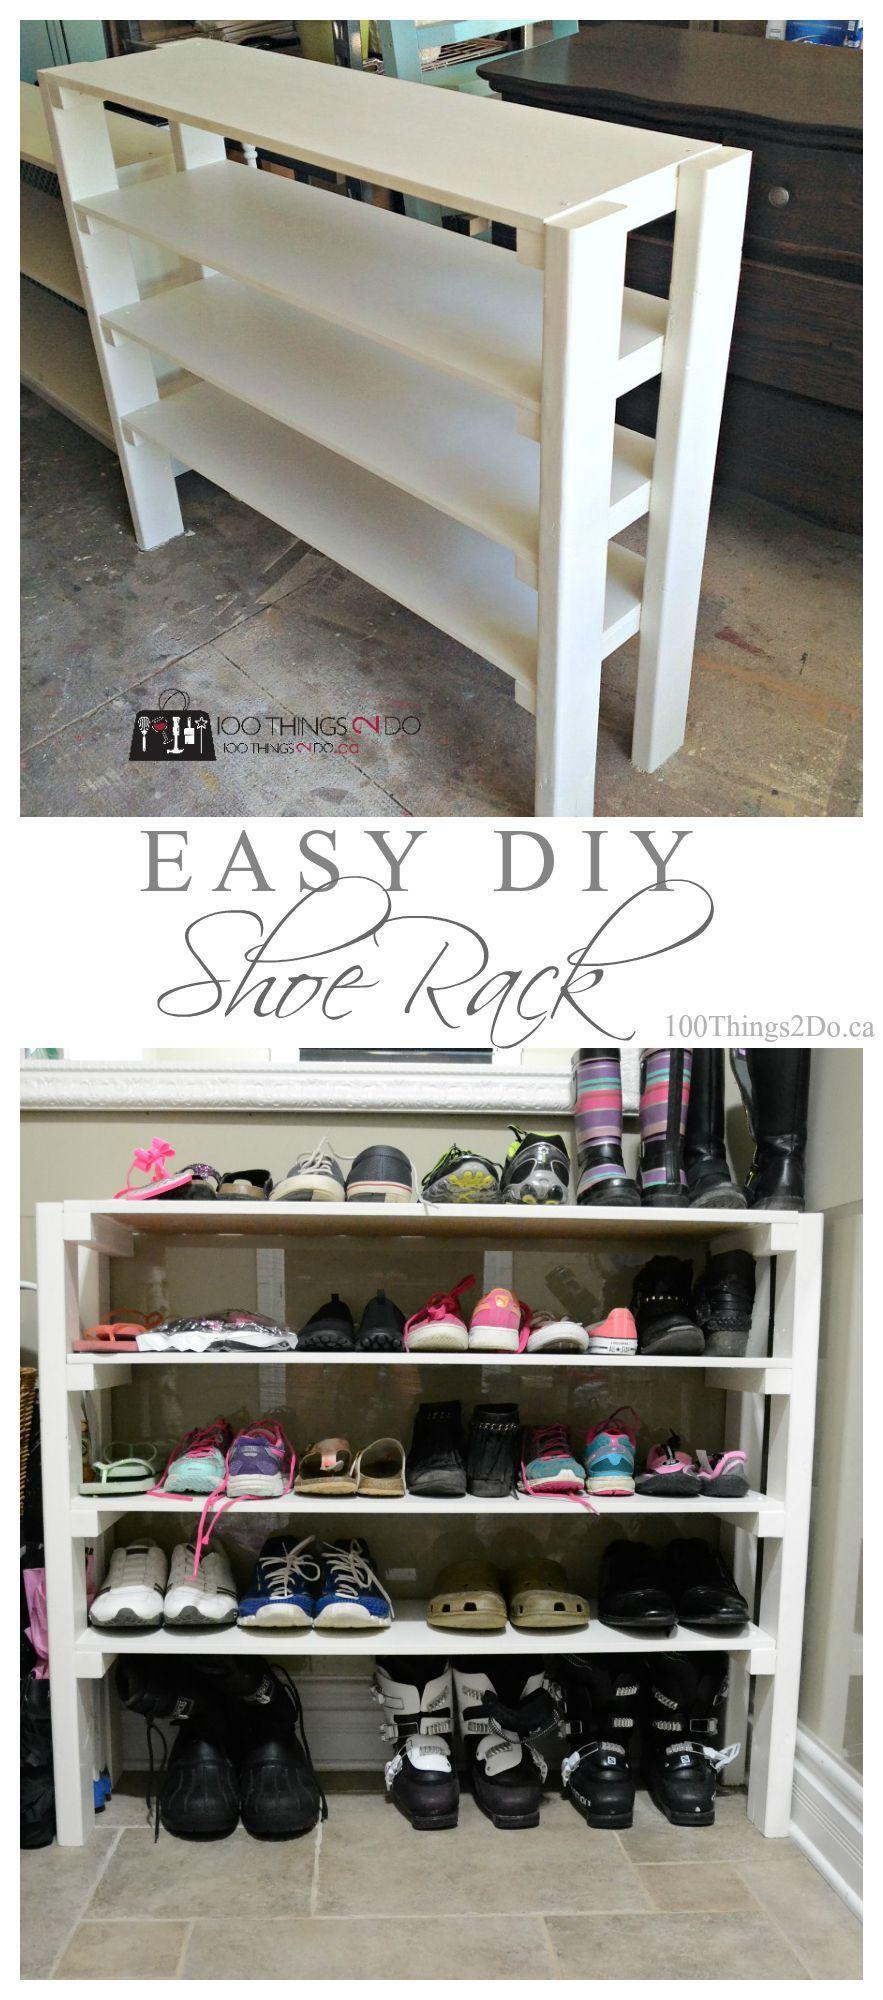 DIY Shoe Rack 100 Things 2